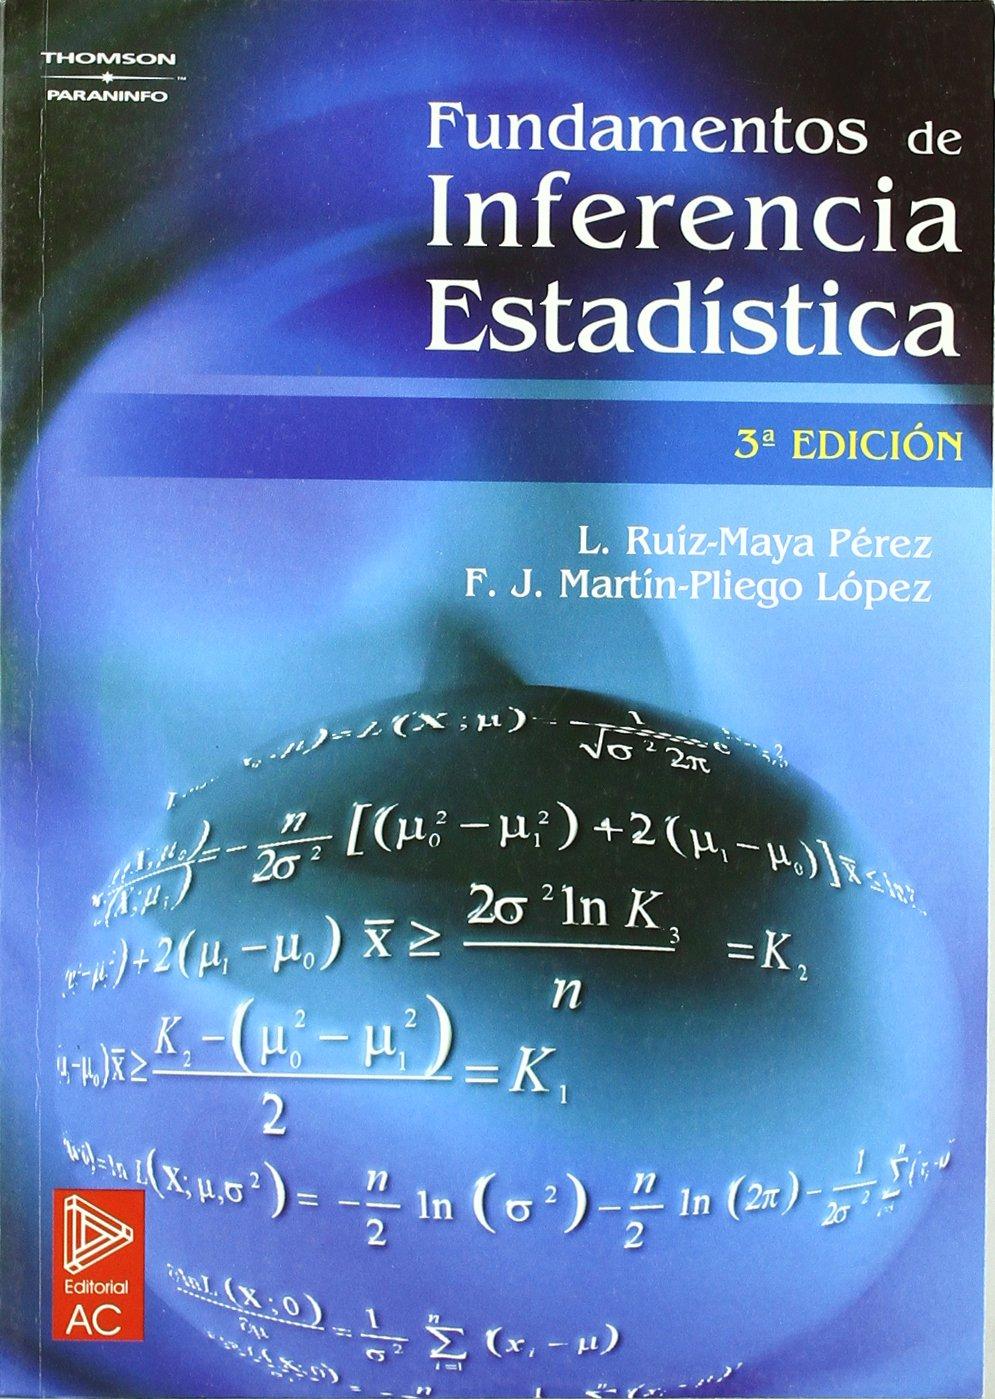 Fundamentos de inferencia estadística: Amazon.es: FRANCISCO ...